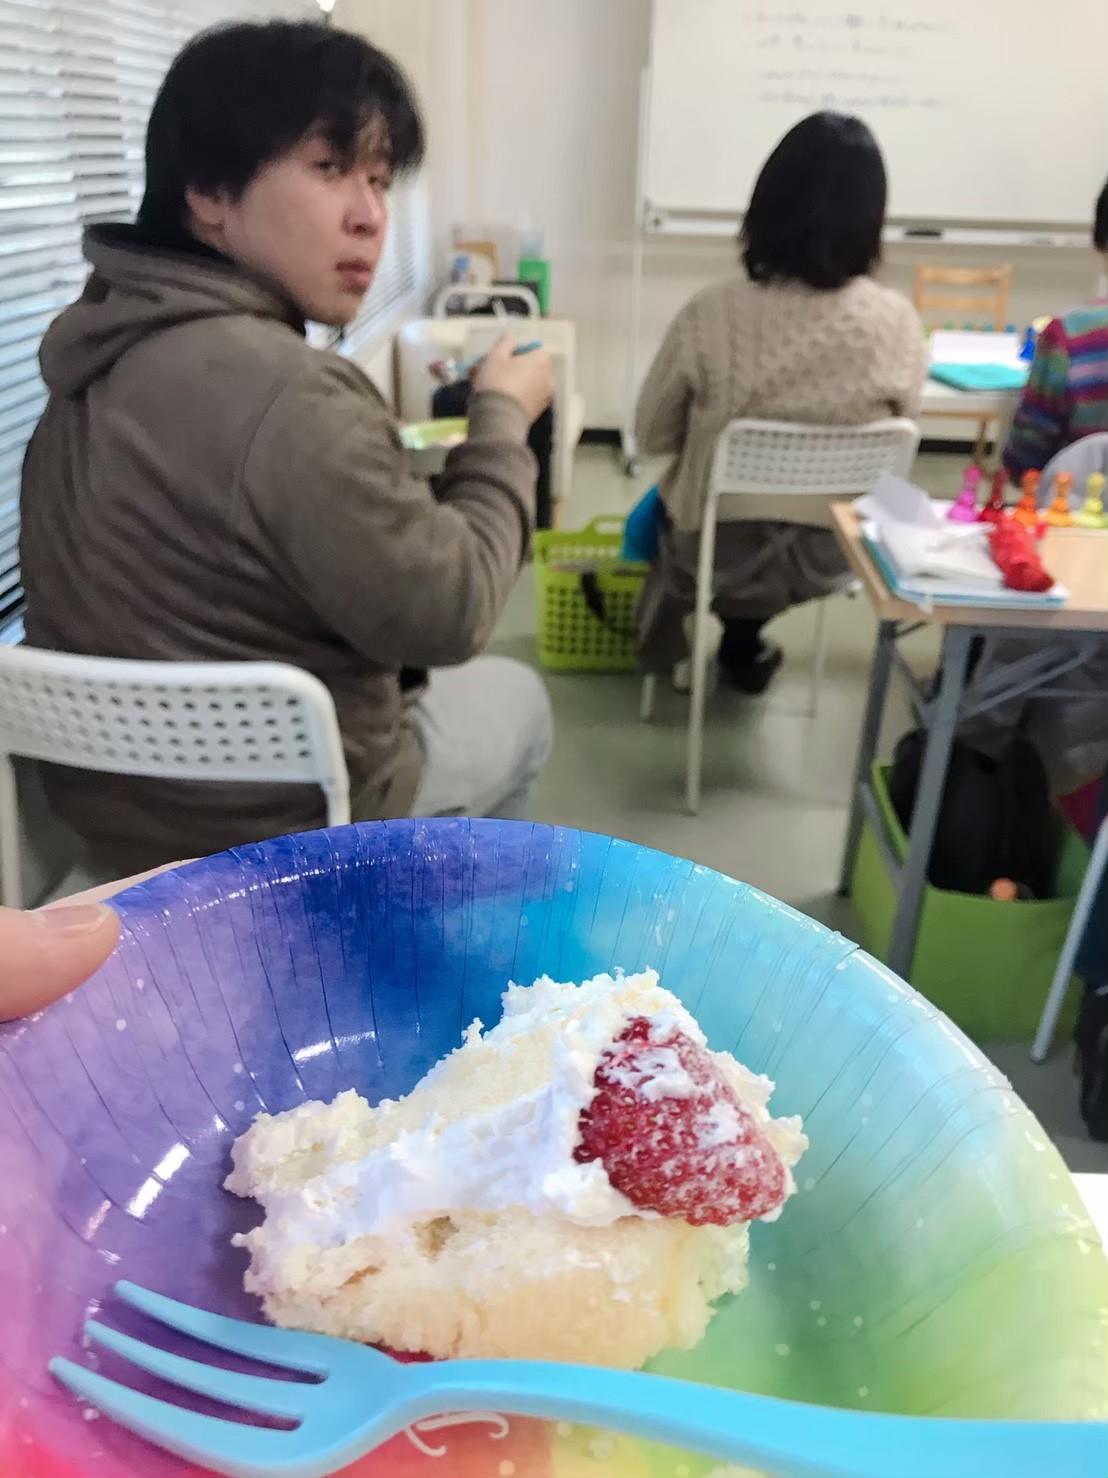 2019.1.26〜27 200229 0049 - ピーチスノウで学ぶ色彩人間学